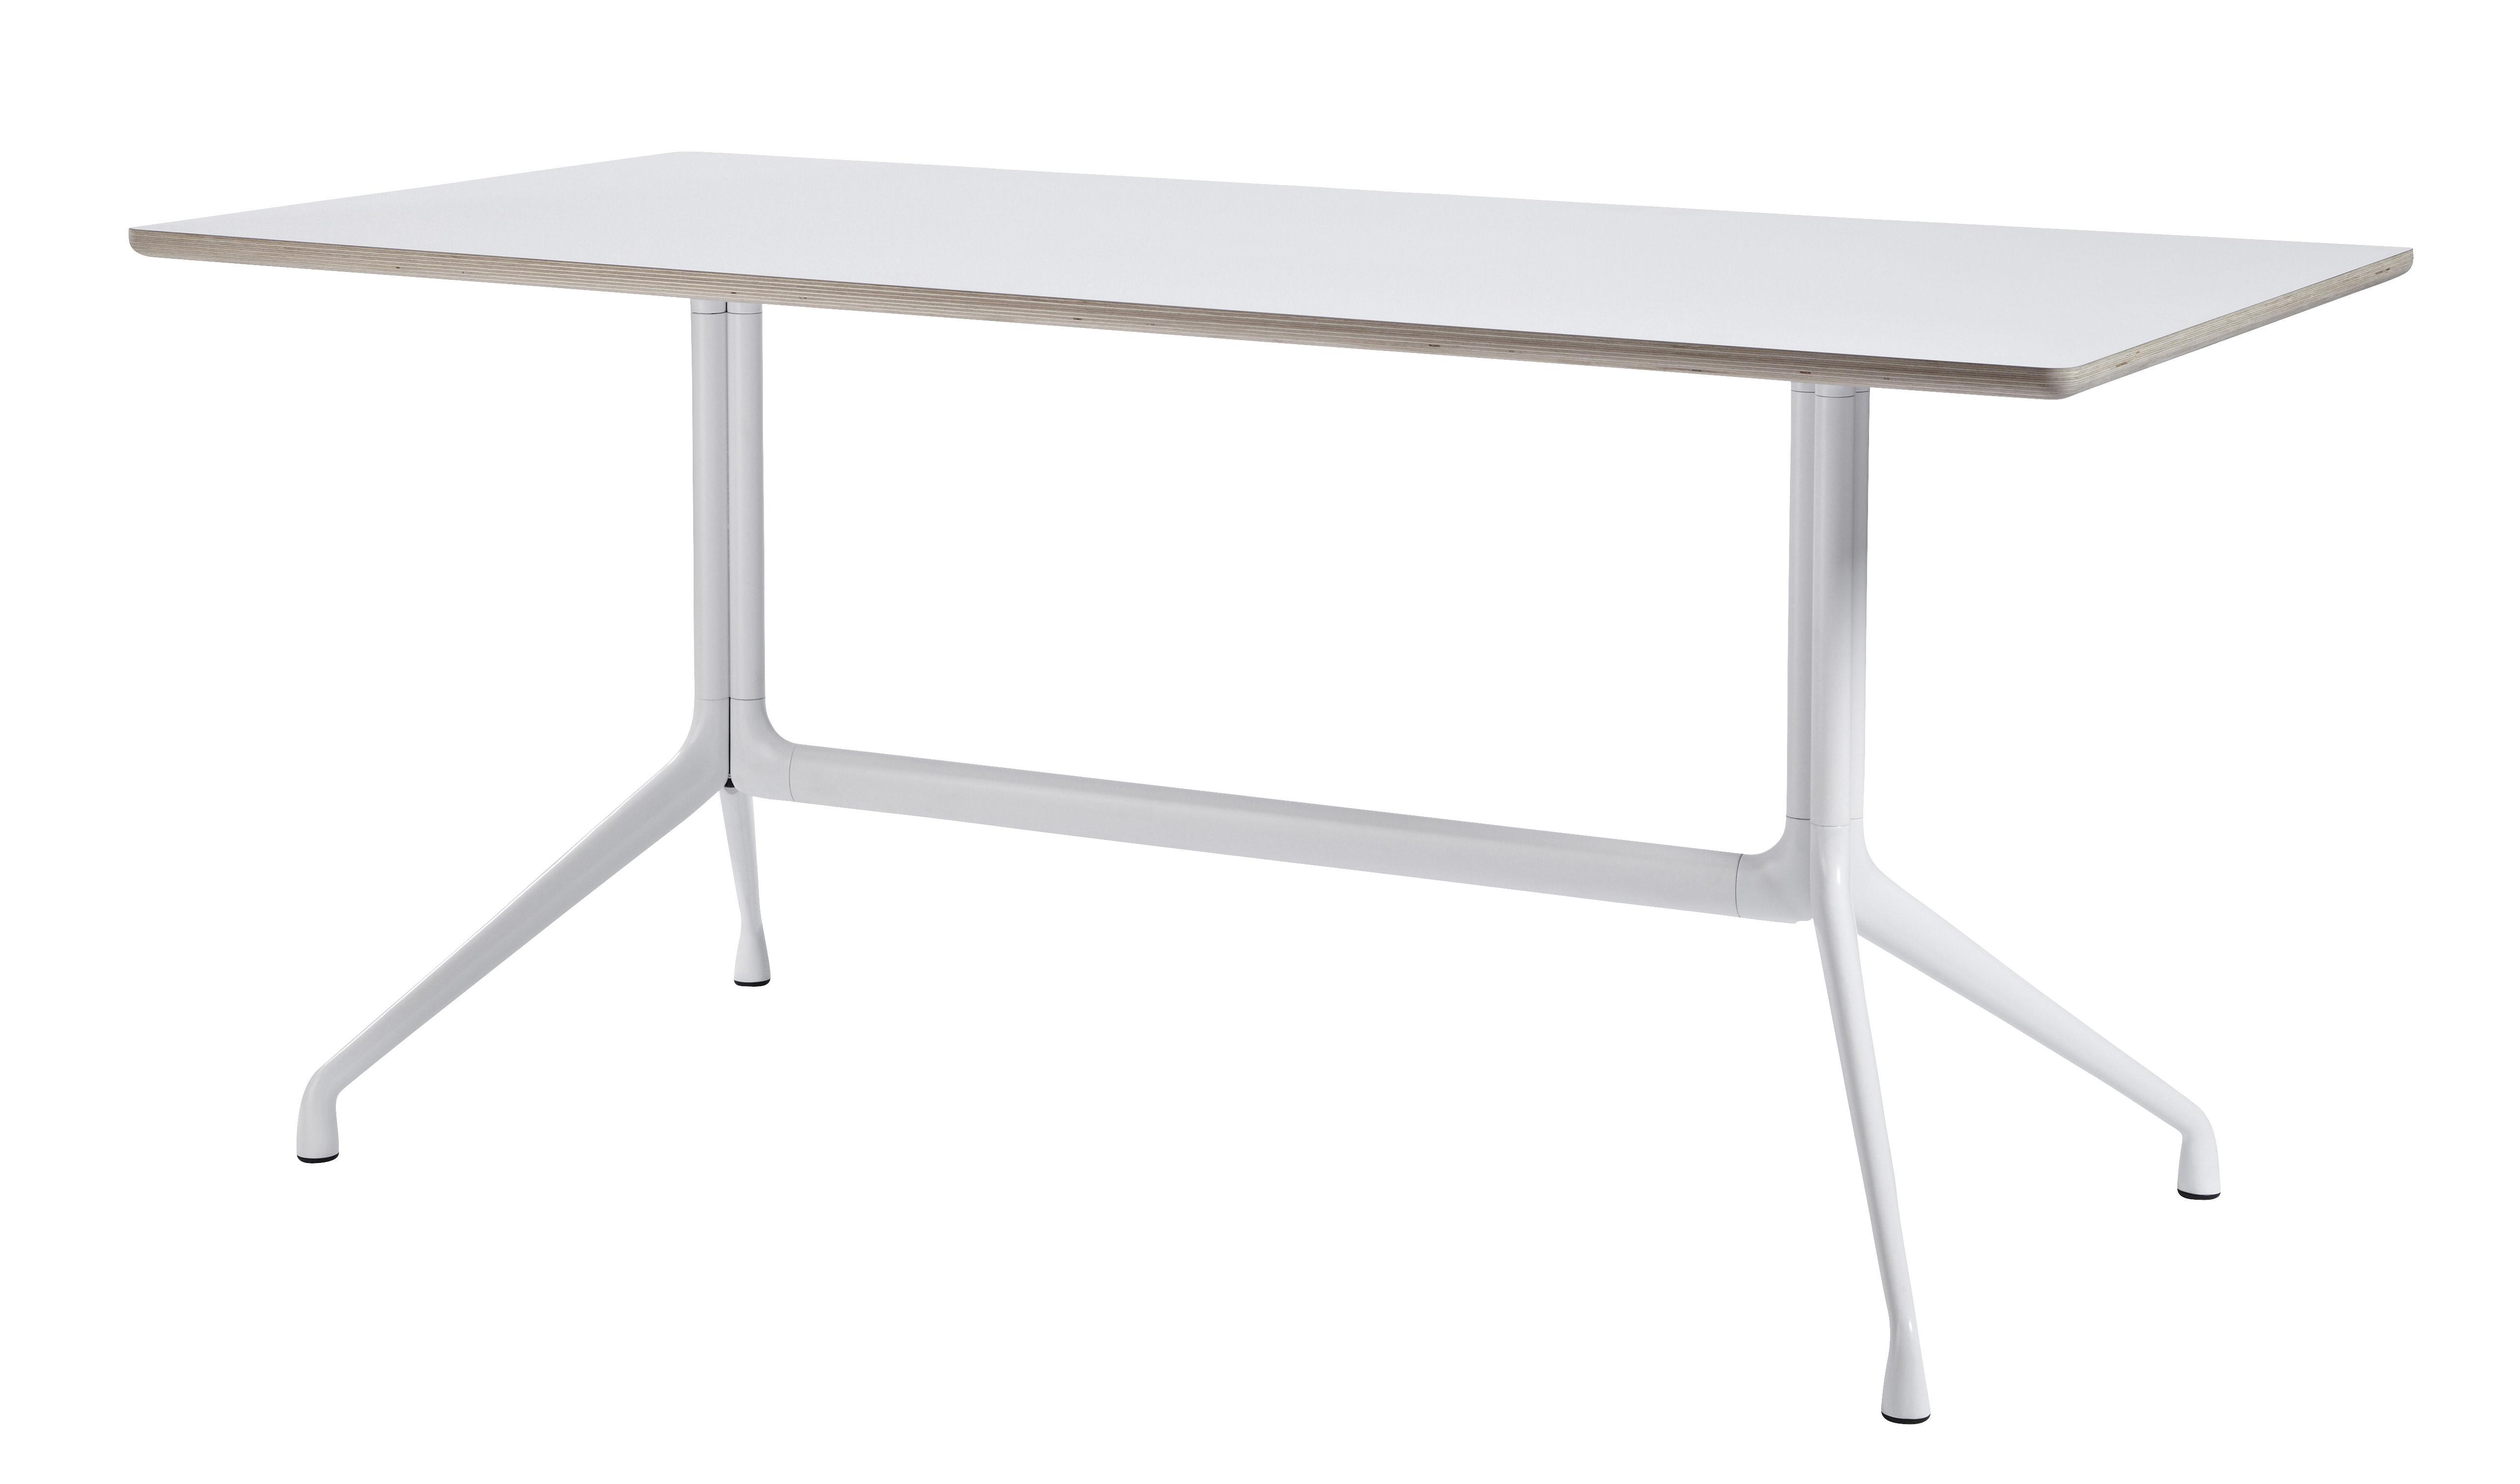 Arredamento - Mobili da ufficio - Tavolo About a Table / 160 x 80 cm - Hay - Bianco - Ghisa di alluminio, Linoleum verniciato